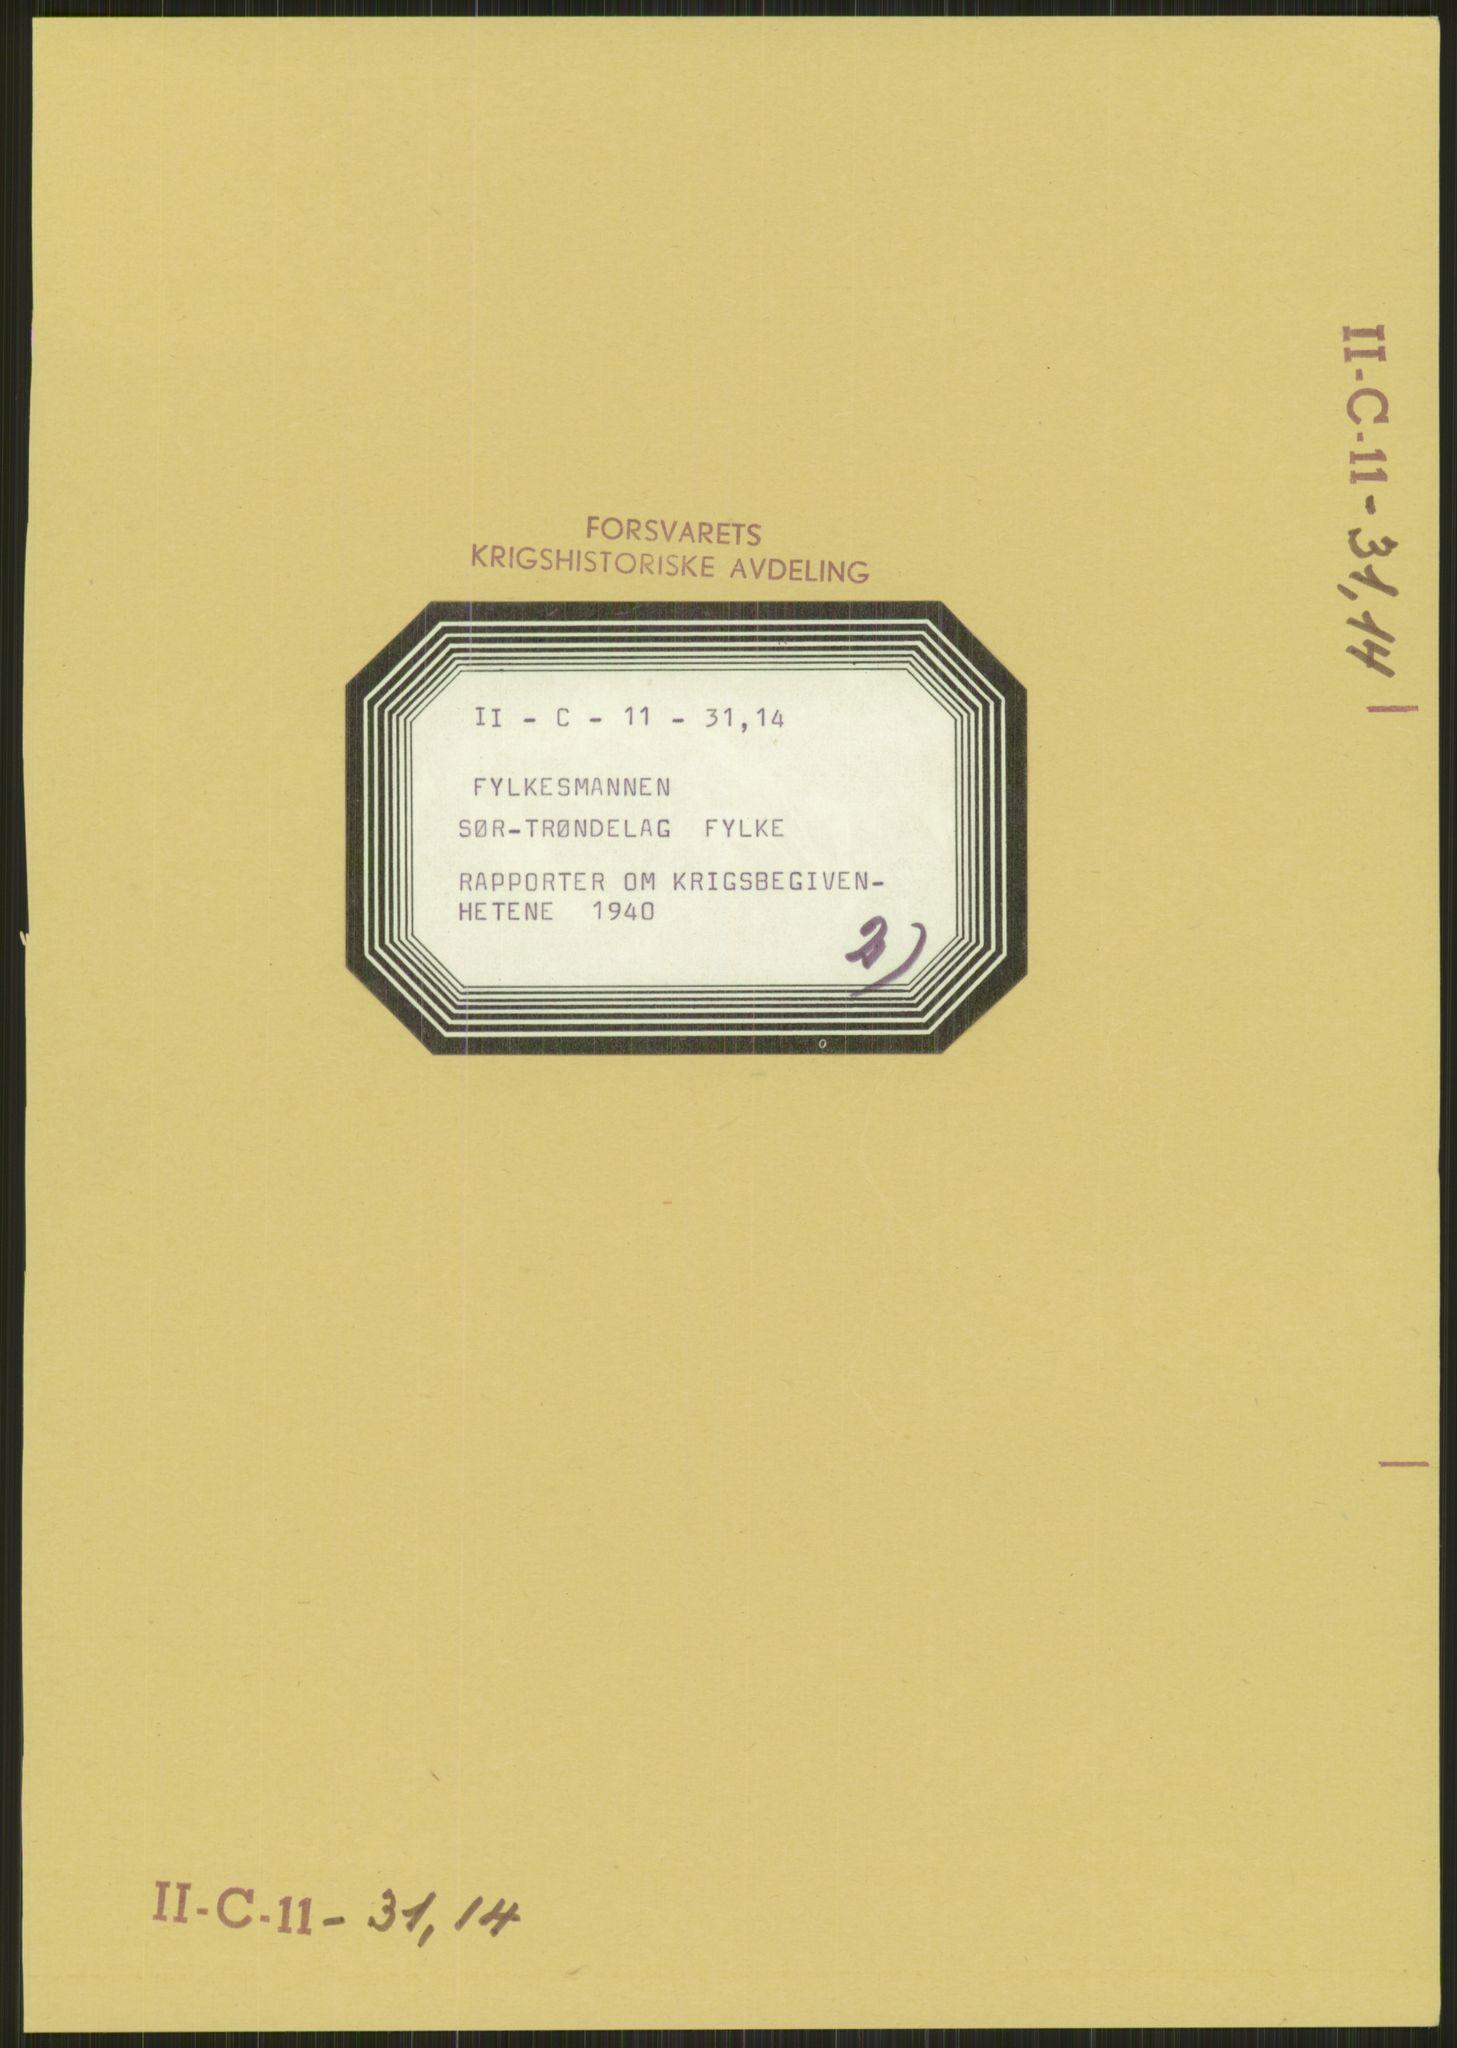 RA, Forsvaret, Forsvarets krigshistoriske avdeling, Y/Ya/L0016: II-C-11-31 - Fylkesmenn.  Rapporter om krigsbegivenhetene 1940., 1940, s. 218